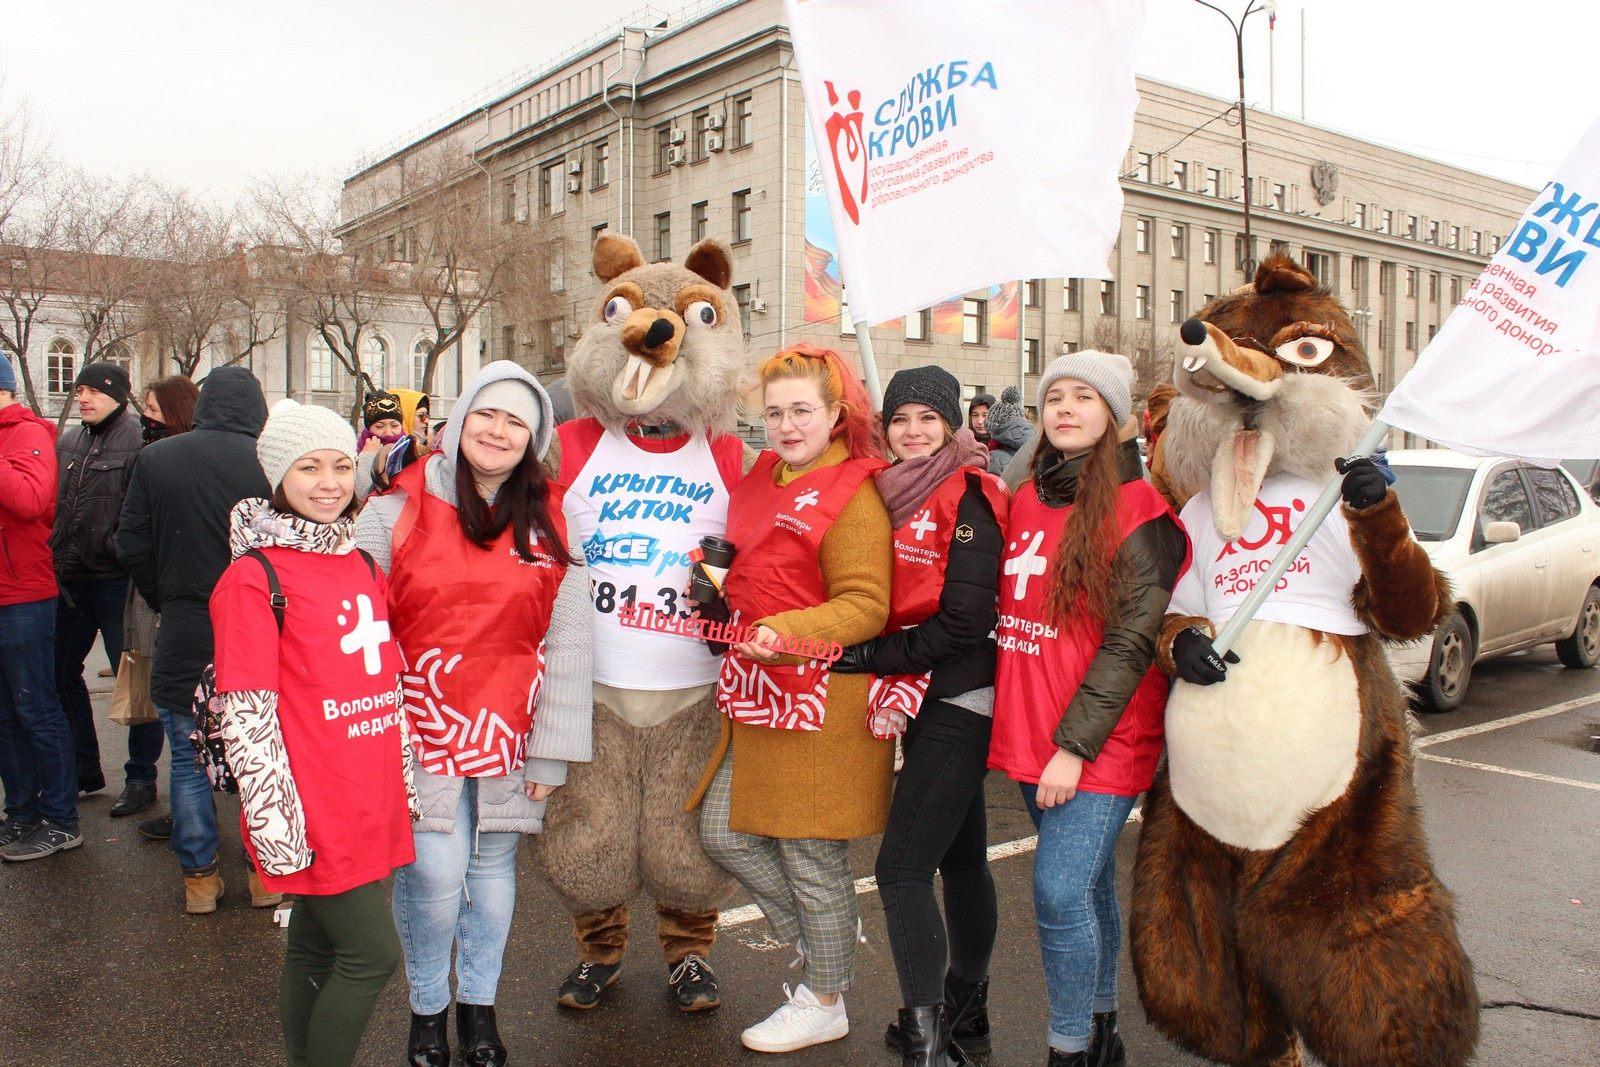 Национальный день донора крови отметили в Иркутске  19 апреля на площади у здания Правительства Иркутской области состоялась акция, посвященная Национальному дню донора крови. С 9 часов до 13 часов работал мобильный пункт заготовки крови, в котором в…